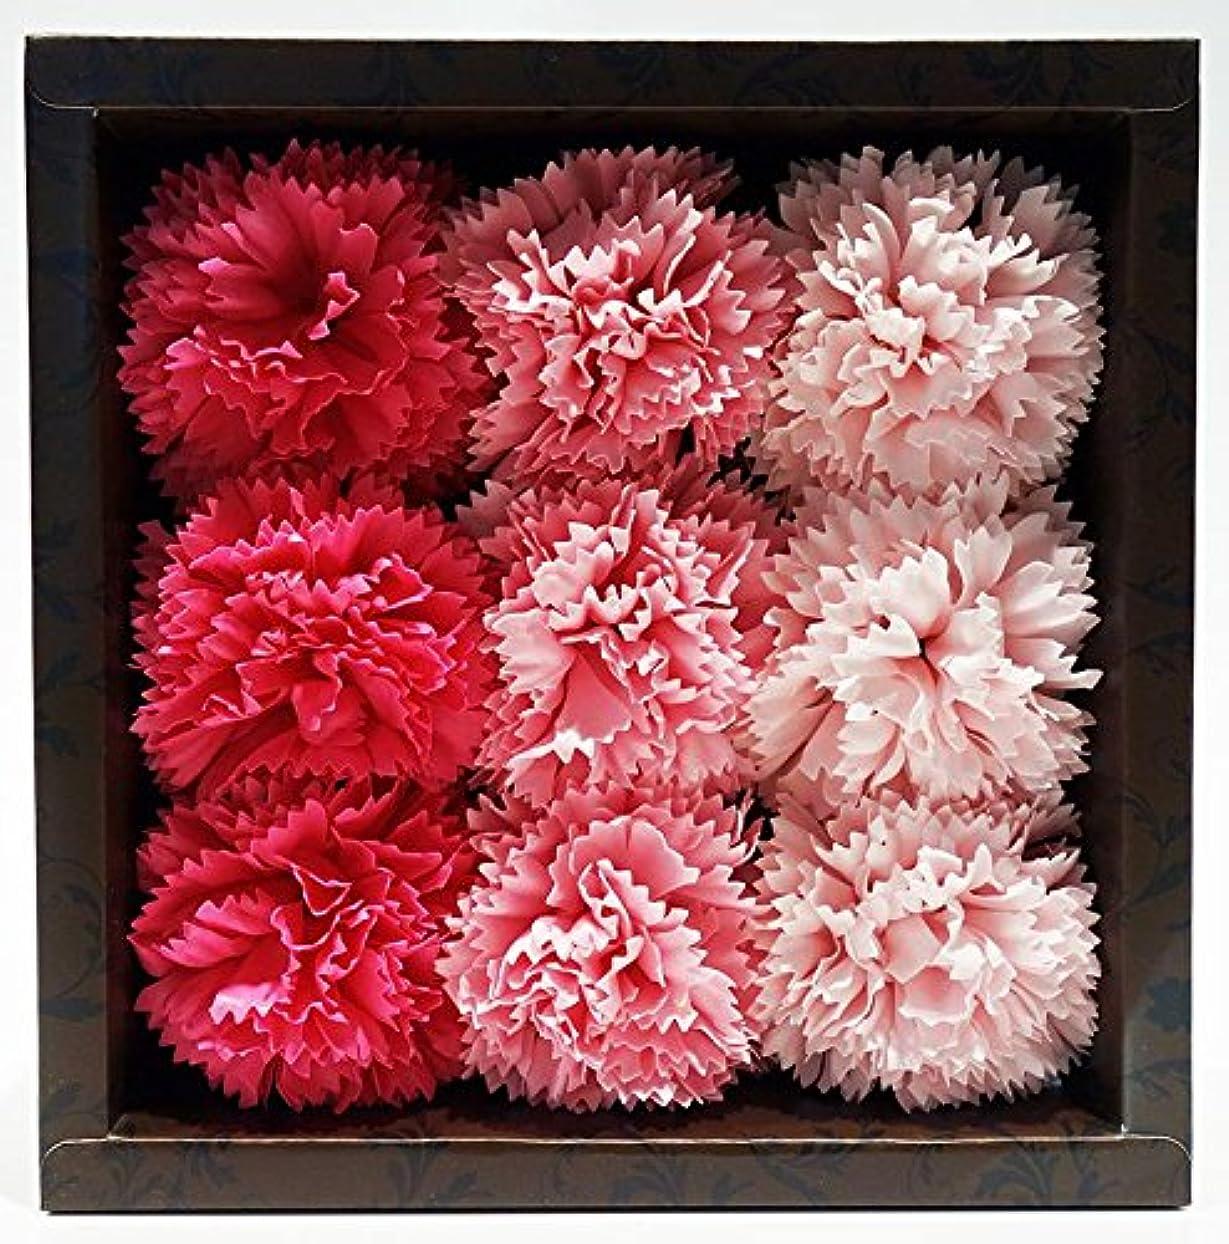 理論的四半期遮るバスフレグランス バスフラワー カーネーション ピンクカラー お花の形の入浴剤 母の日 プレゼント ギフト